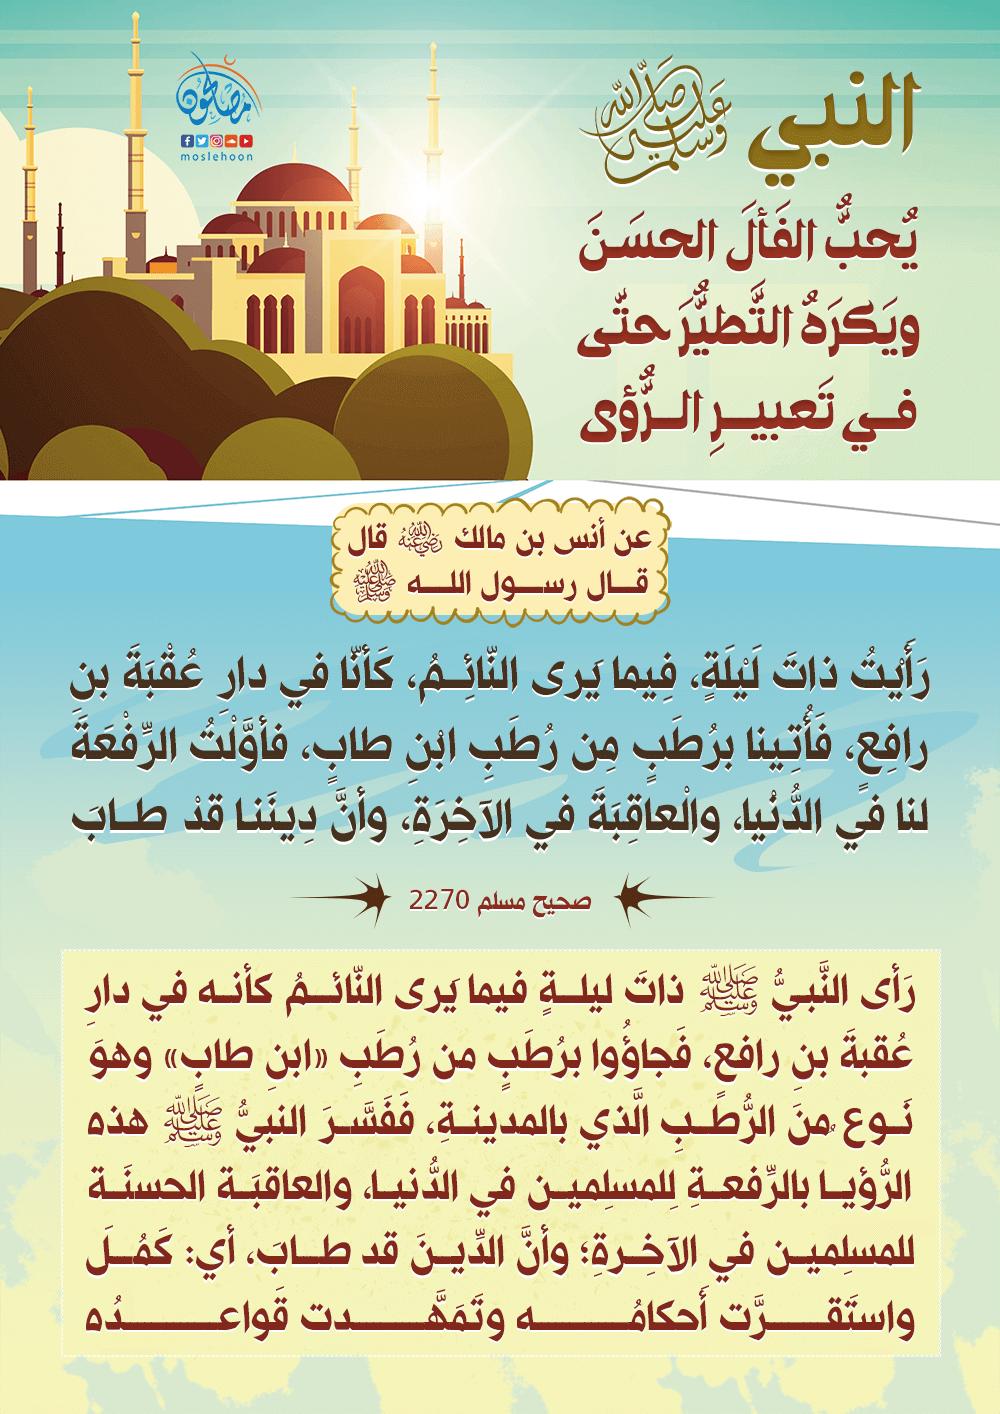 تأويل النبي ﷺ رؤيا لدار ابن رافع ورطب ابن طاب